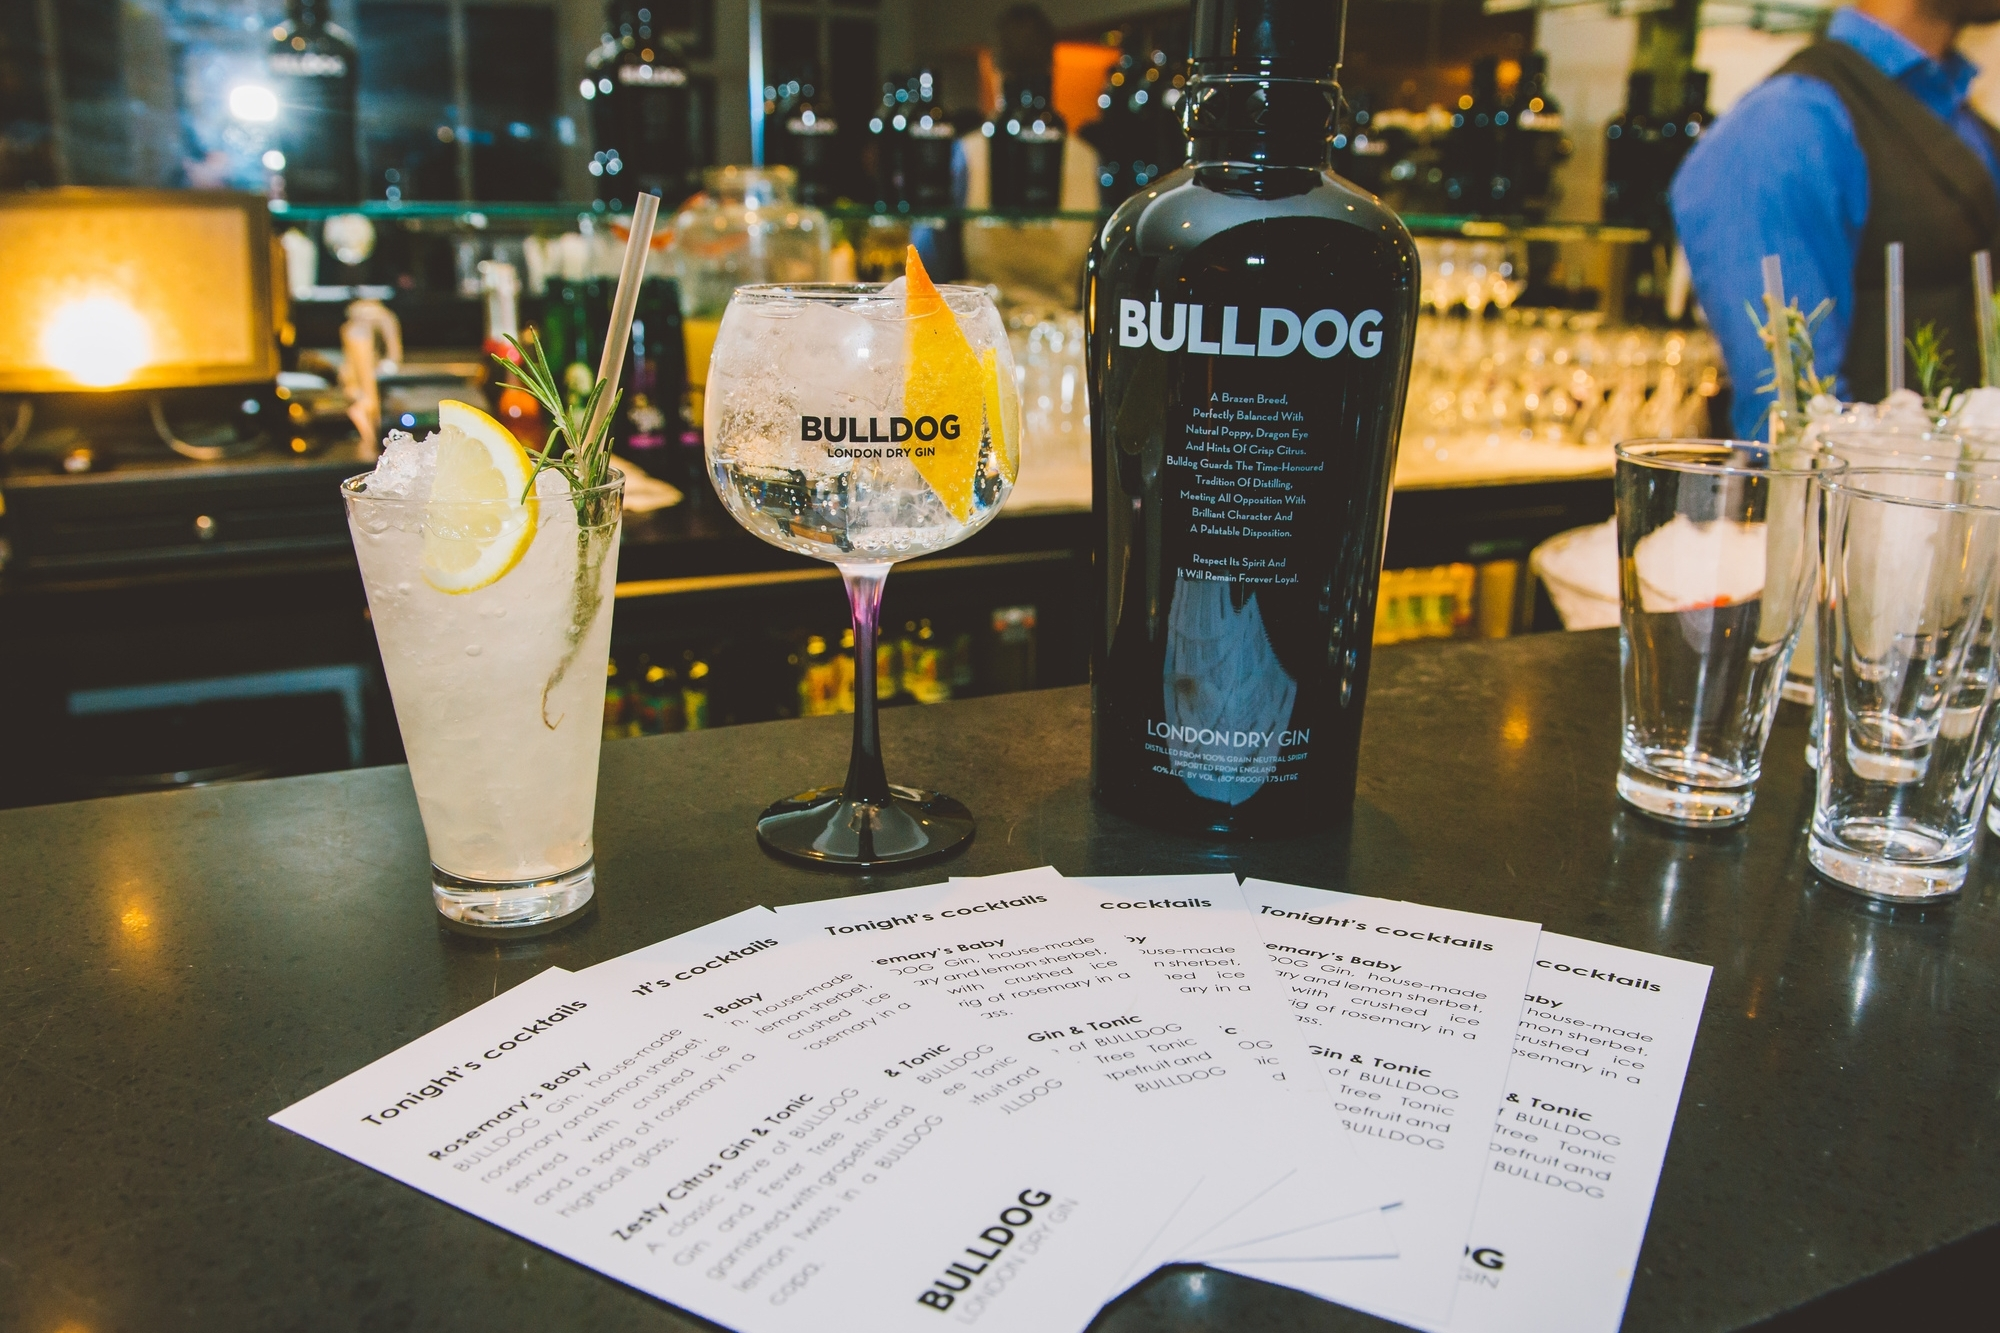 / BULLDOG Gin cocktails /